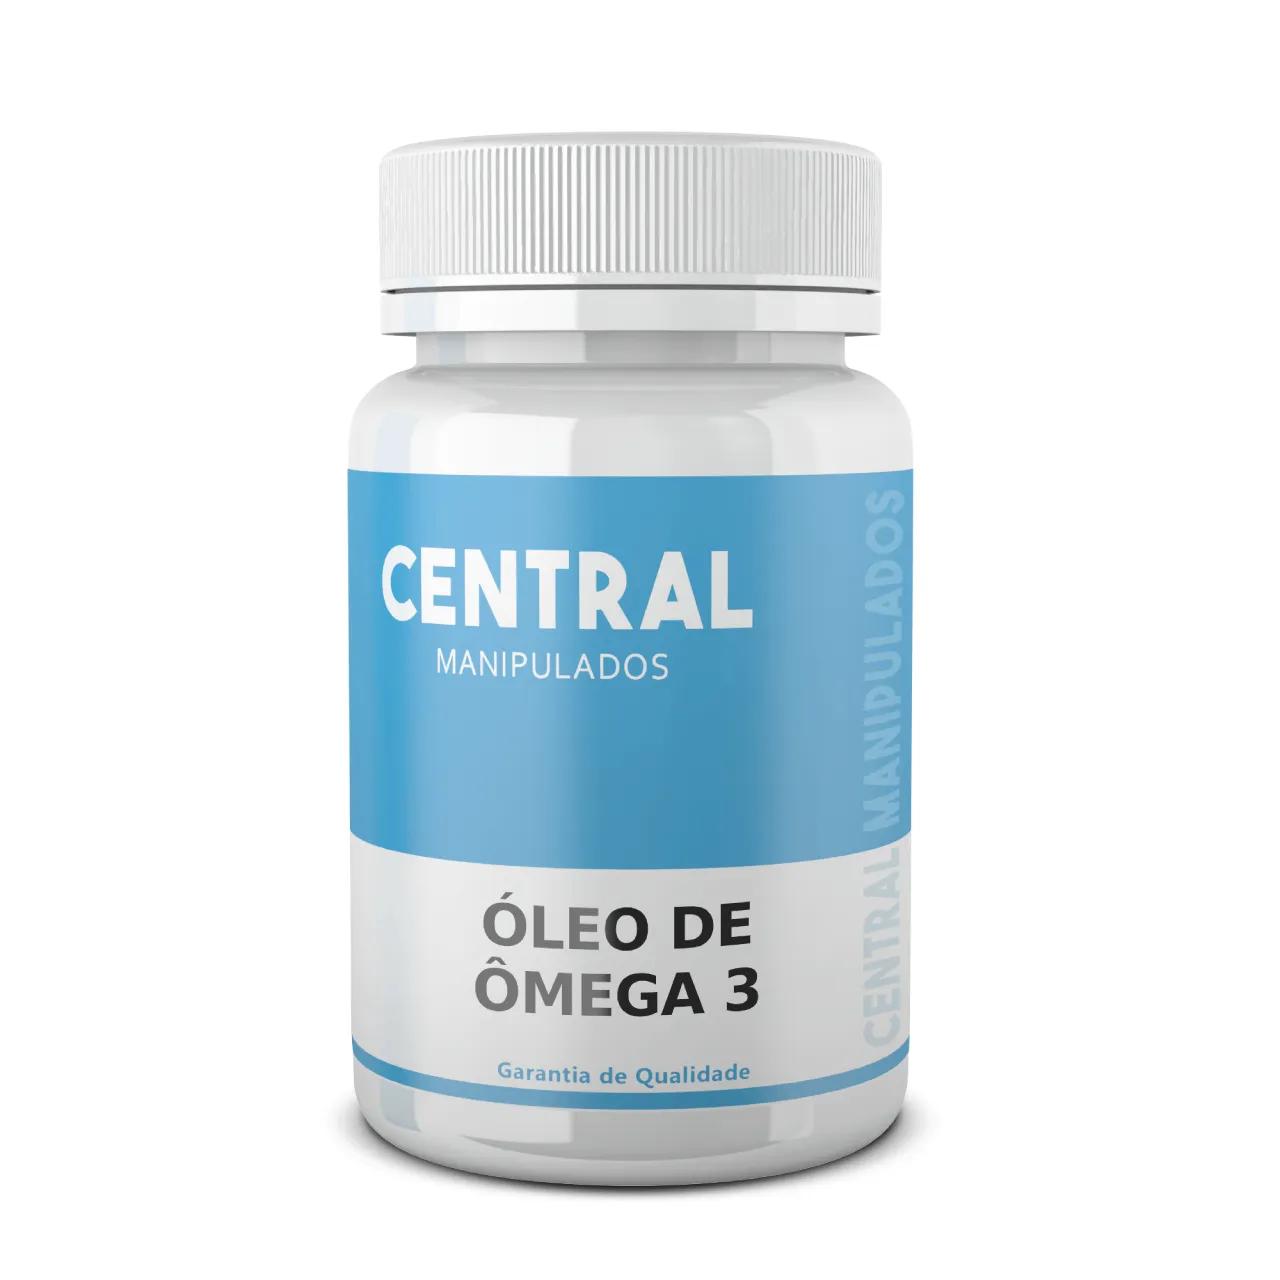 Óleo de Peixe OMEGA 3 - 90 cápsulas - Redução do Colesterol, Antiinflamatório, Efeitos Positivos na Composição Corporal